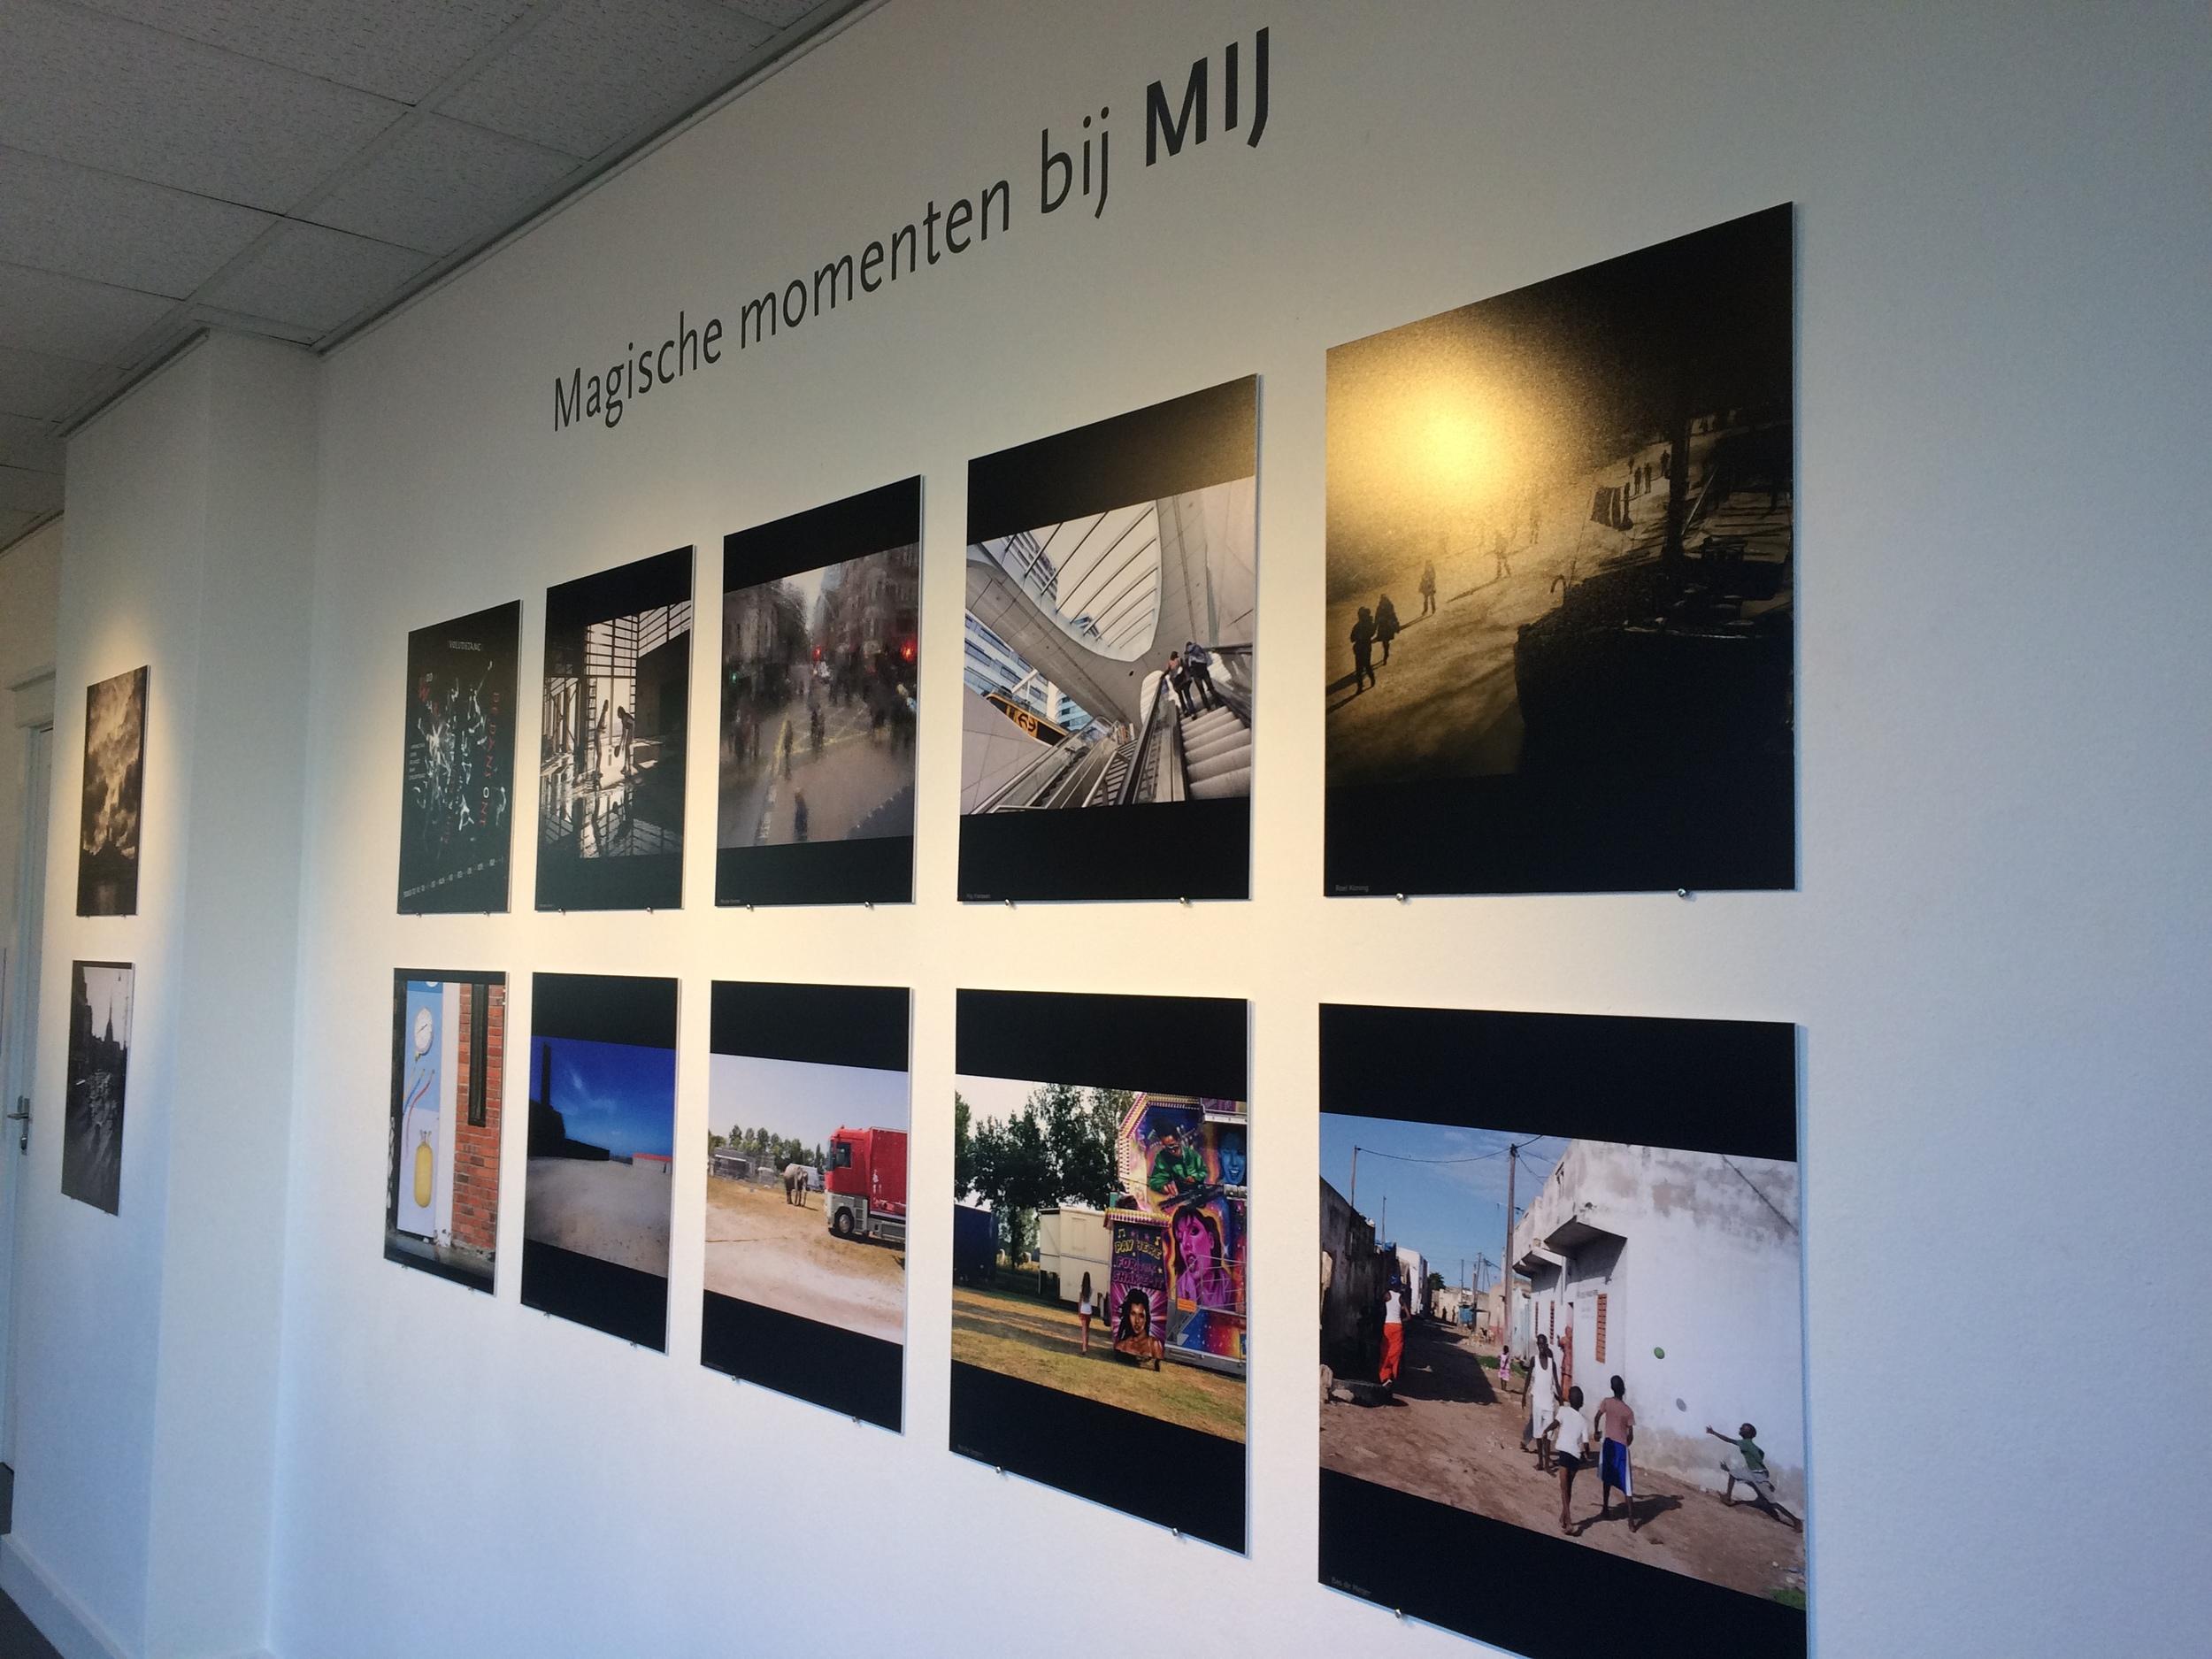 foto's in de tentoonstelling magische momenten